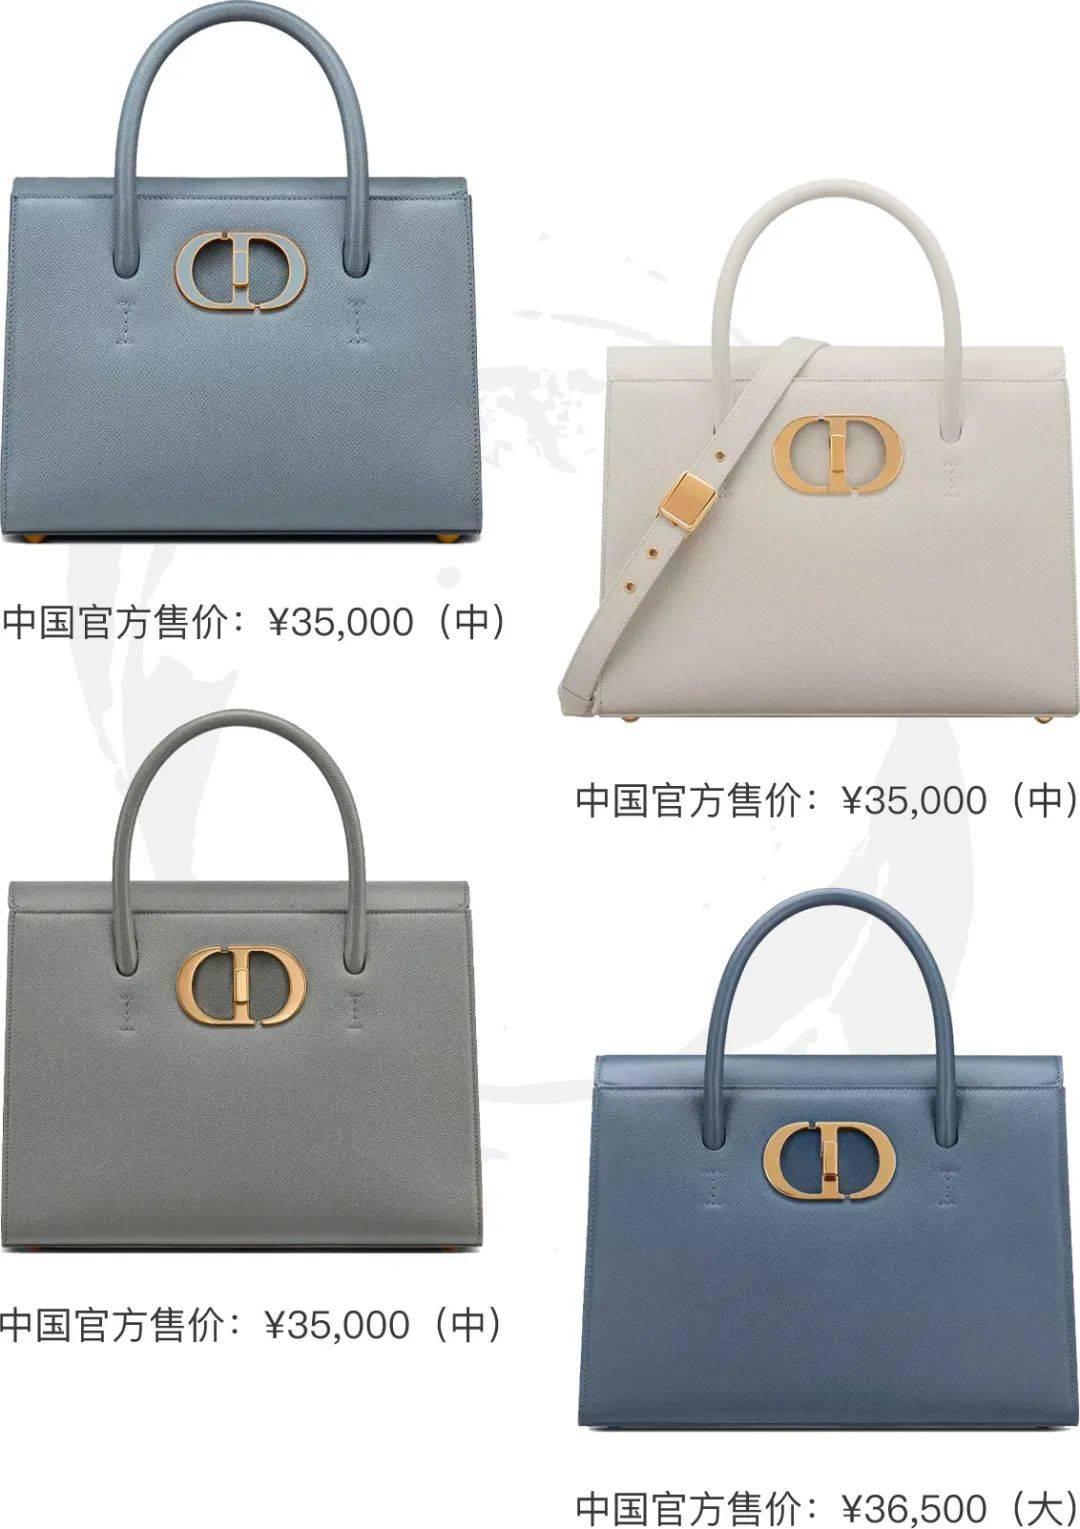 Dior这三只新包真的美翻!!!